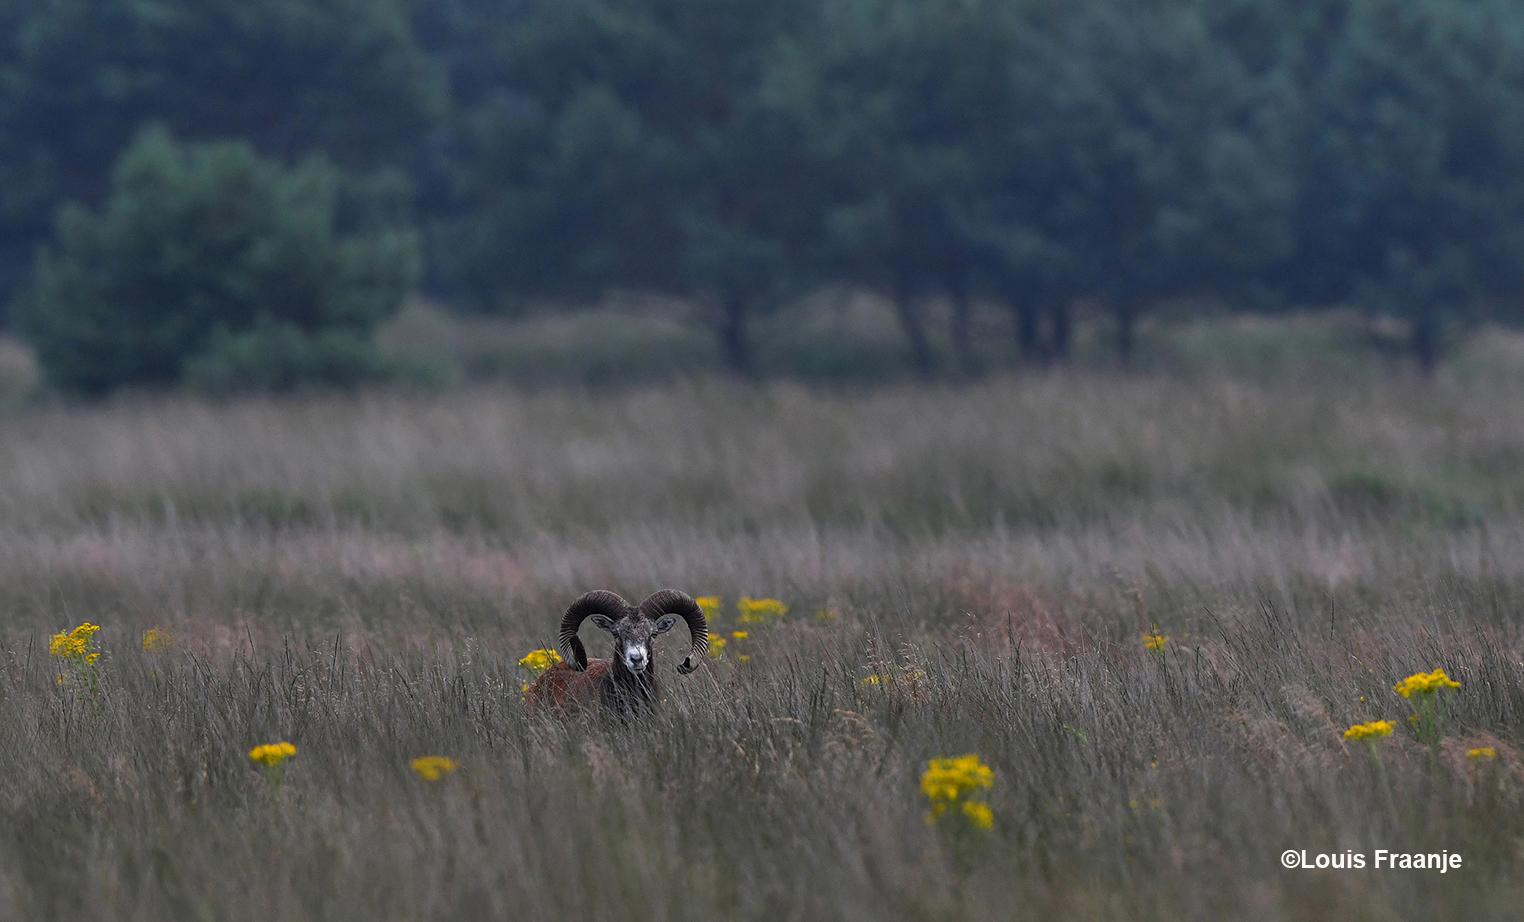 Oog in oog met een moeflonram, let op het uiteinde van de linkerhoorn, daar is een stukje afgebroken - Foto: ©Louis Fraanje